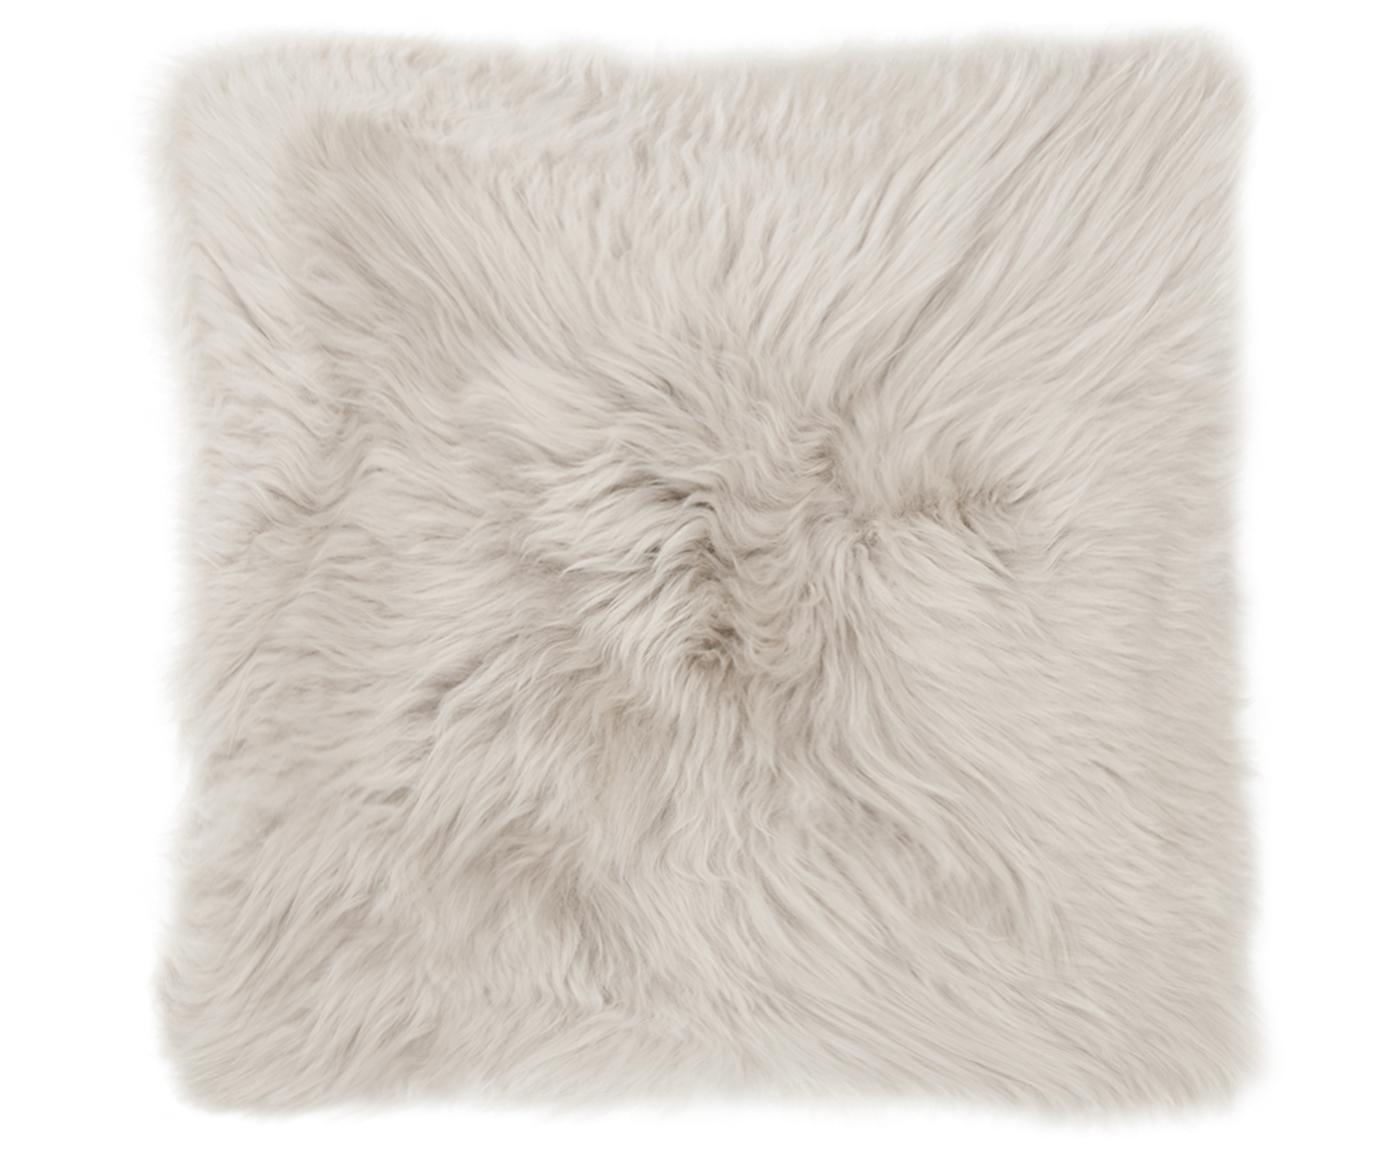 Funda de cojín de piel de oveja Oslo, Parte delantera: piel de oveja, Parte trasera: lino, Parte delantera: beige Parte trasera: gris claro, An 40 x L 40 cm